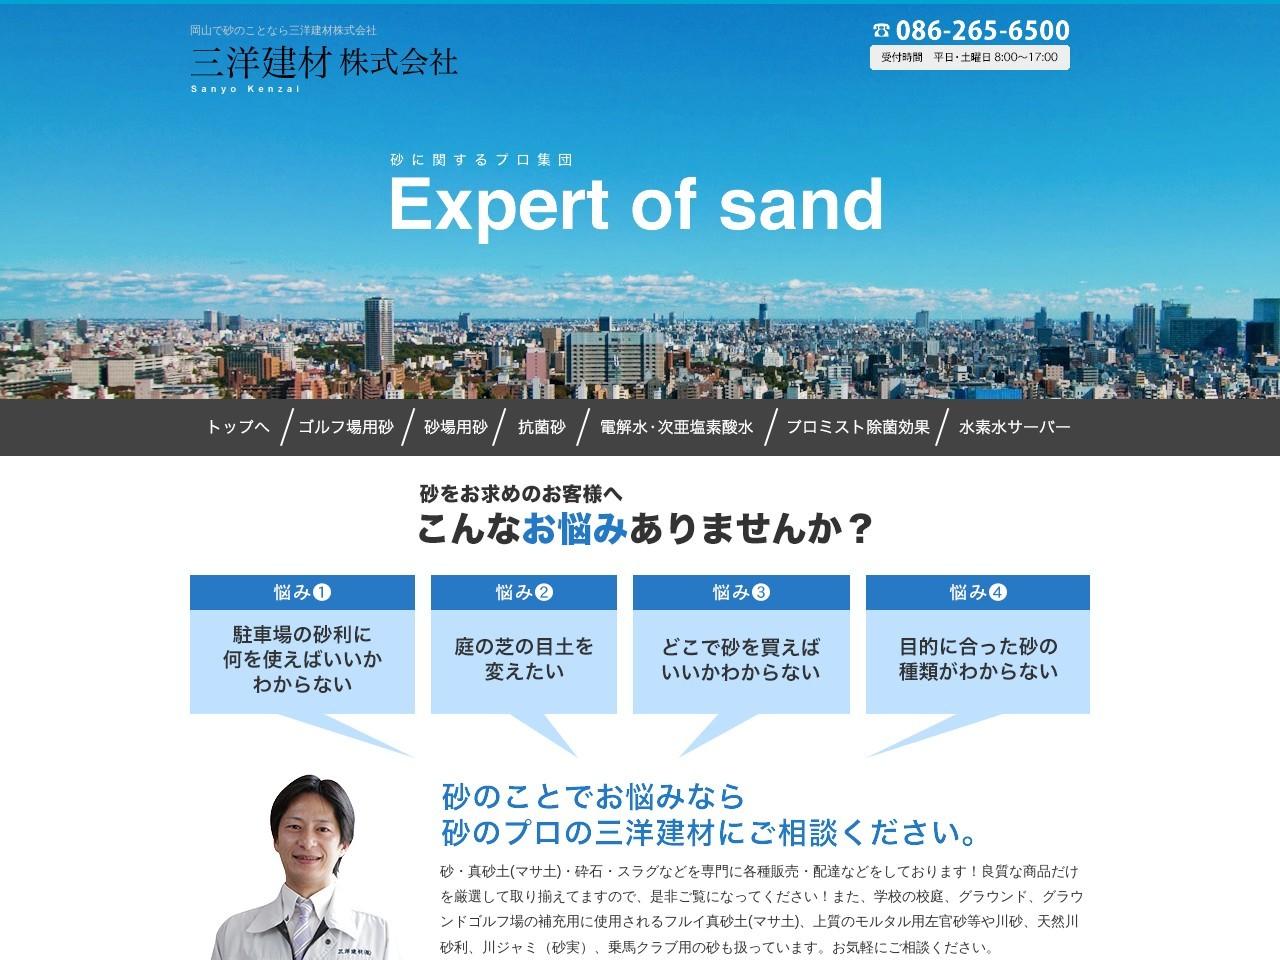 三洋建材株式会社|岡山で砂なら三洋建材まで